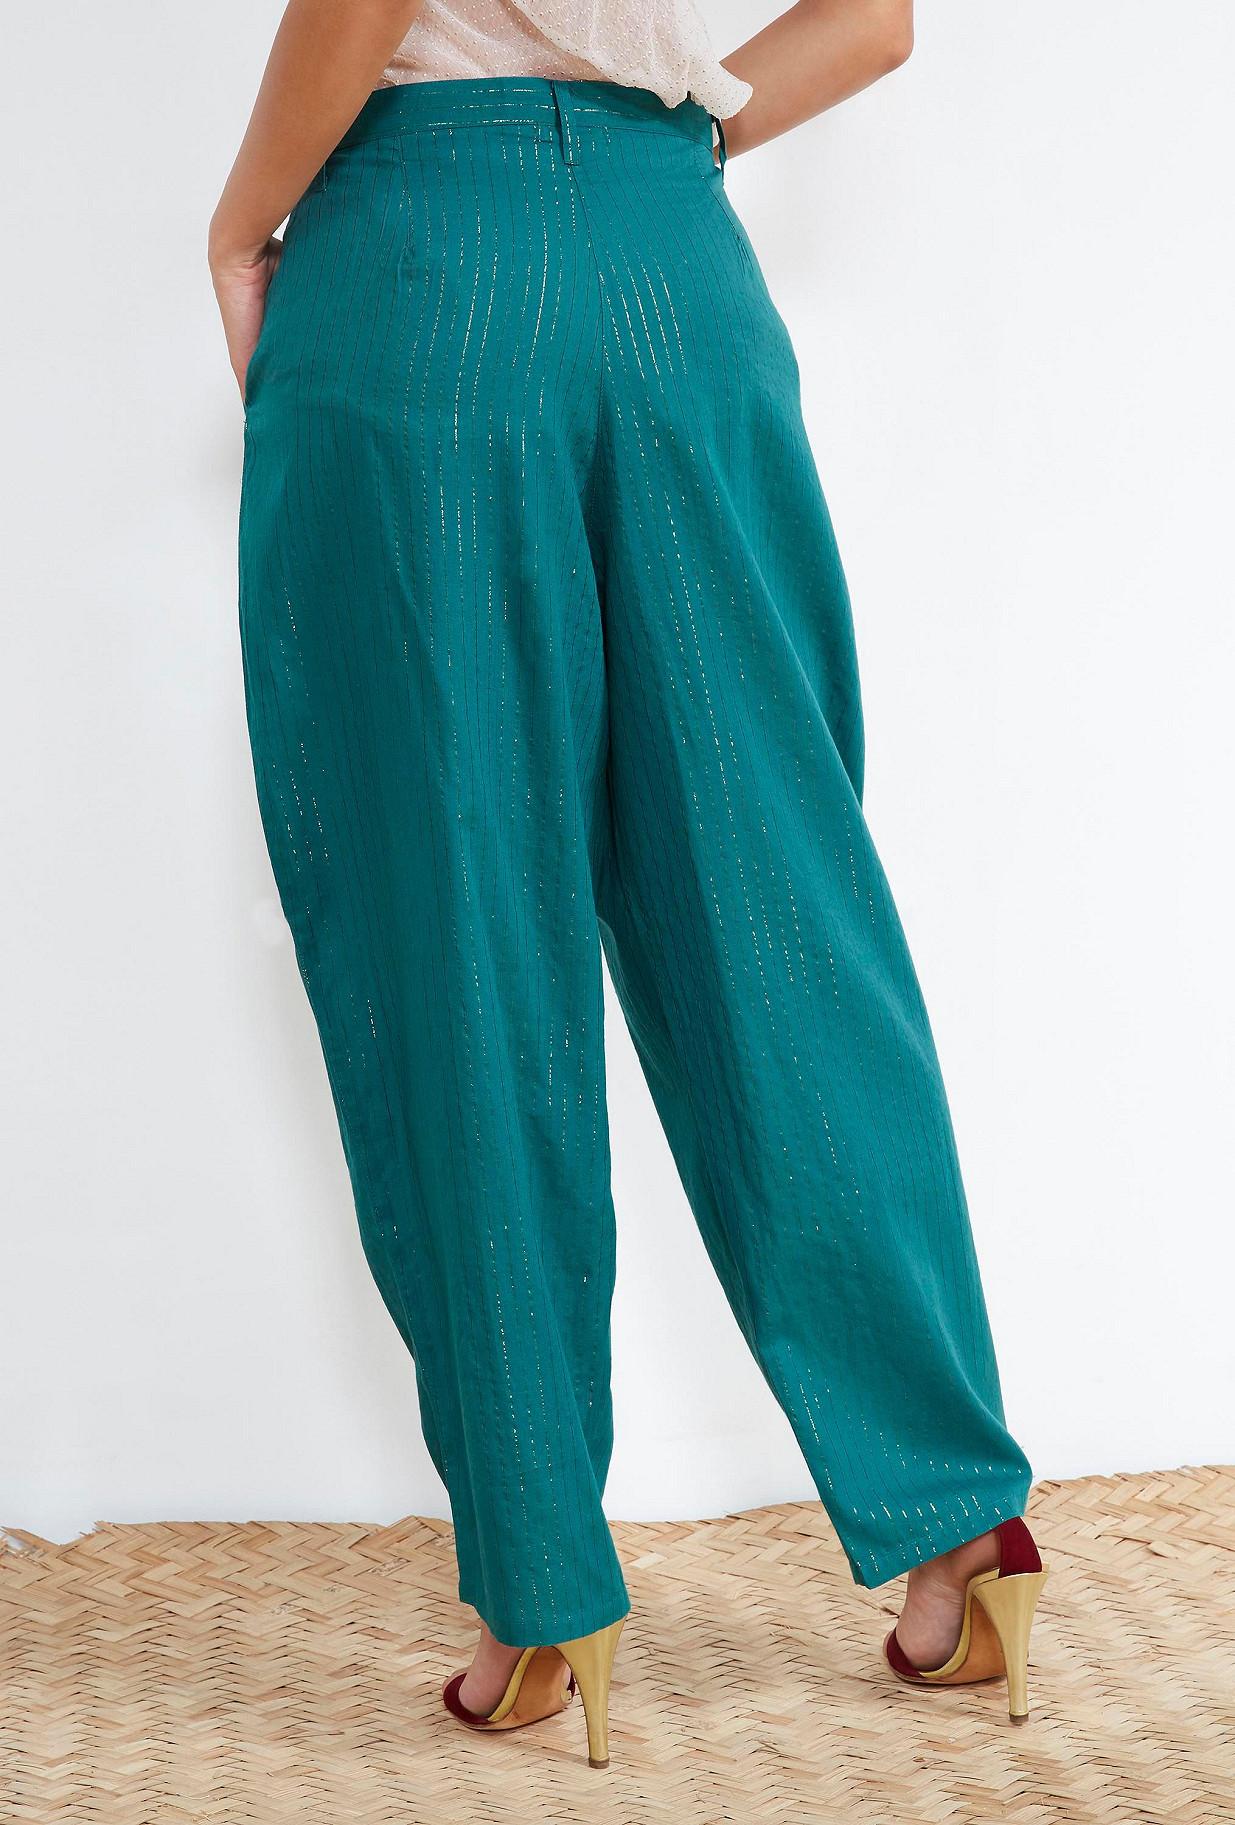 boutique de pantalon femme santiago mode createur paris. Black Bedroom Furniture Sets. Home Design Ideas